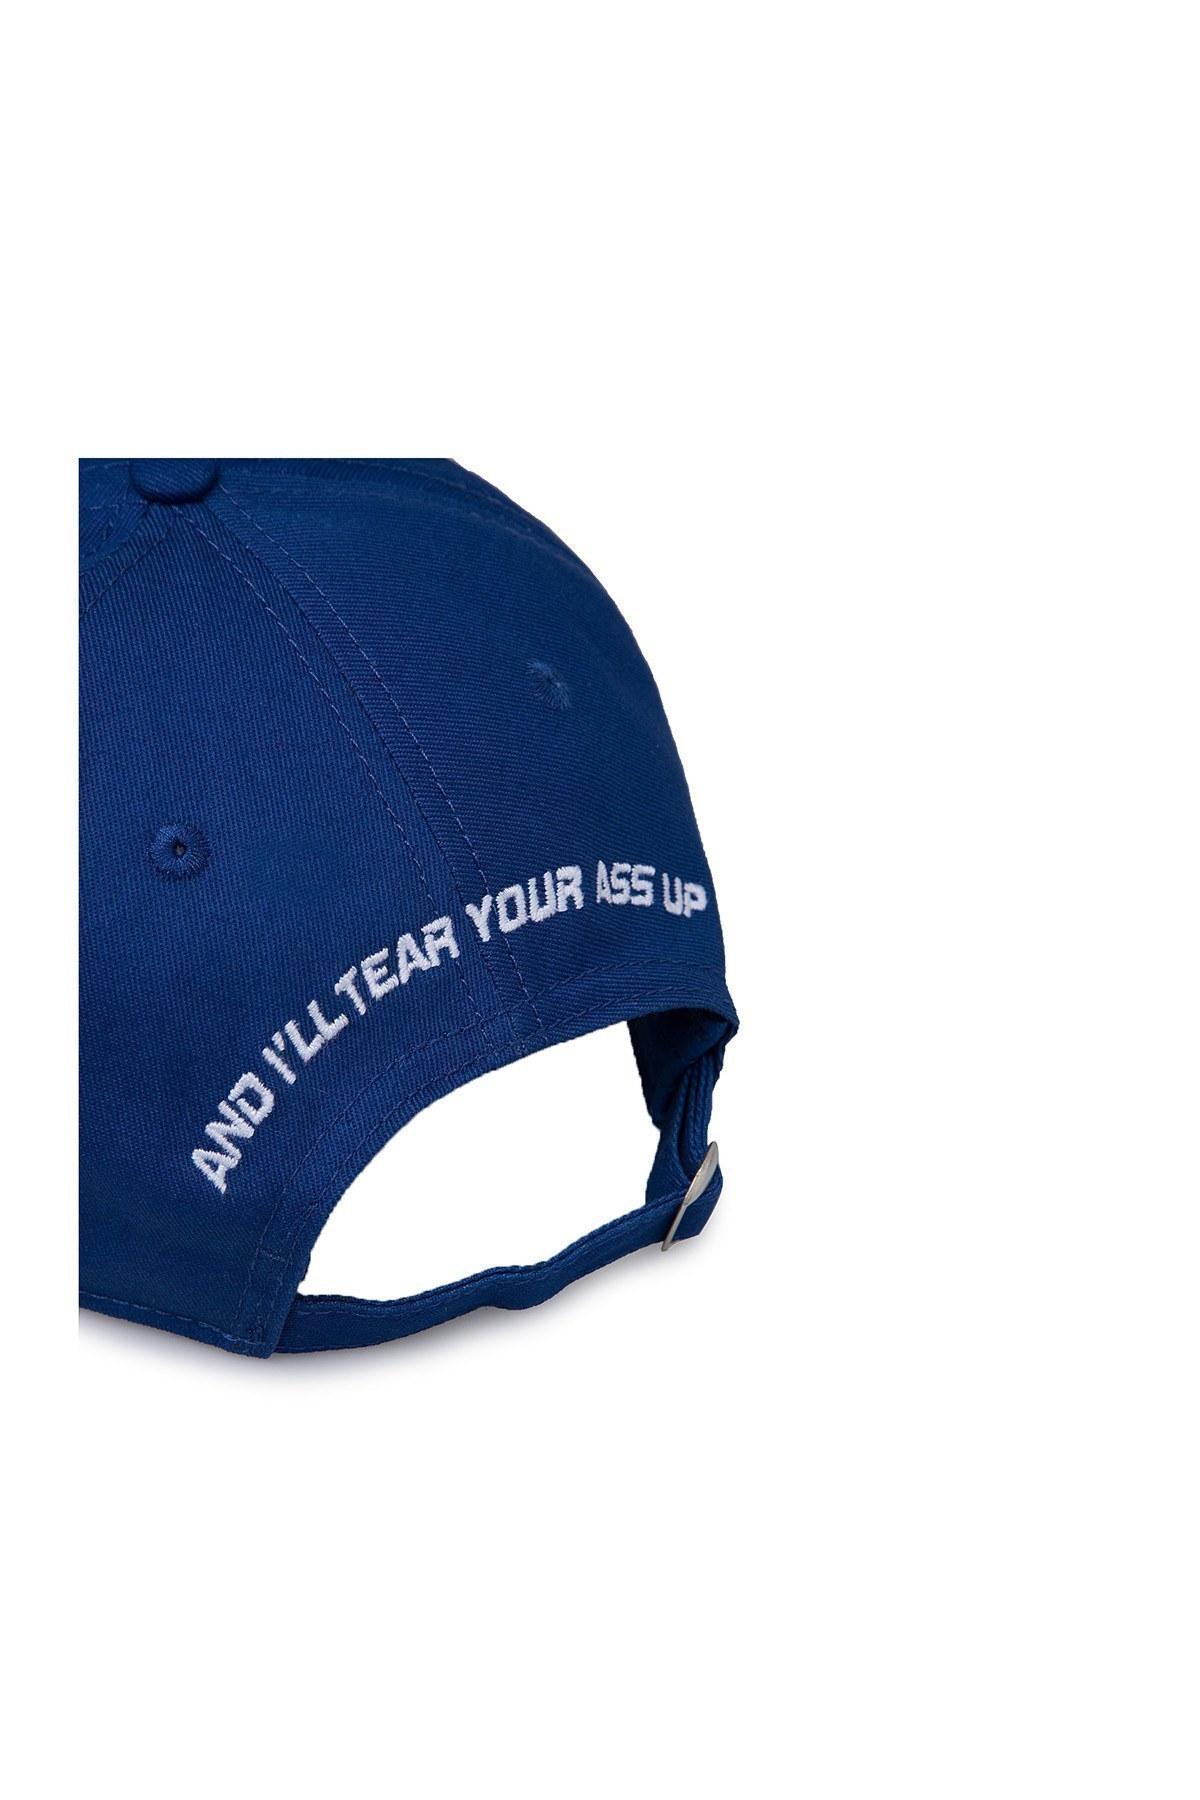 Dsquared2 Erkek Şapka BCM0284 05C00001 3072 SAKS